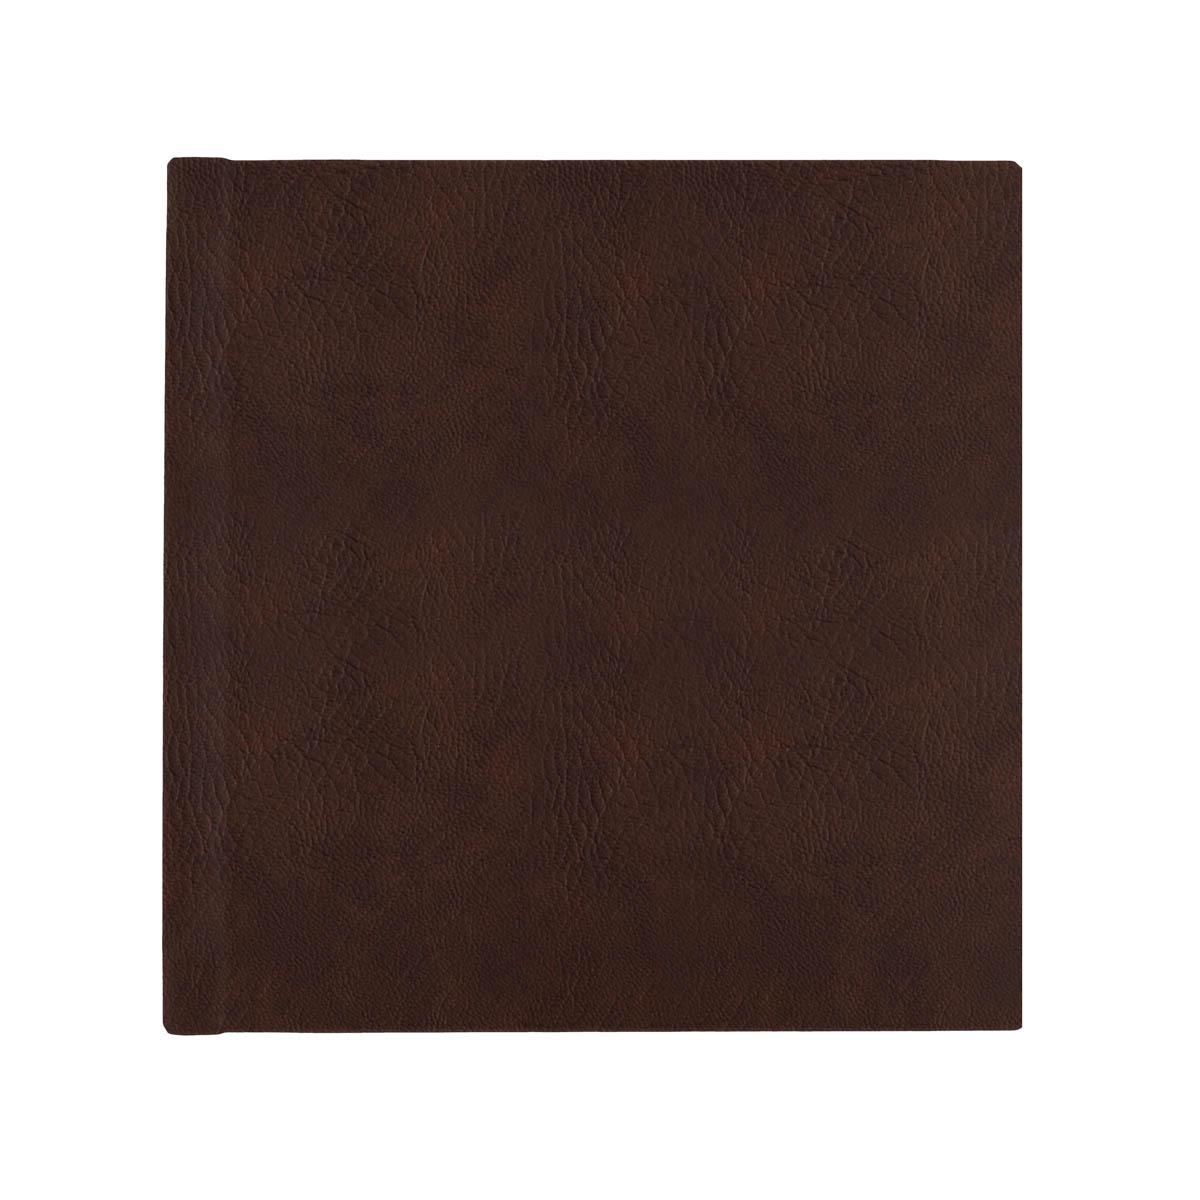 lagos embo leather flush mount albums